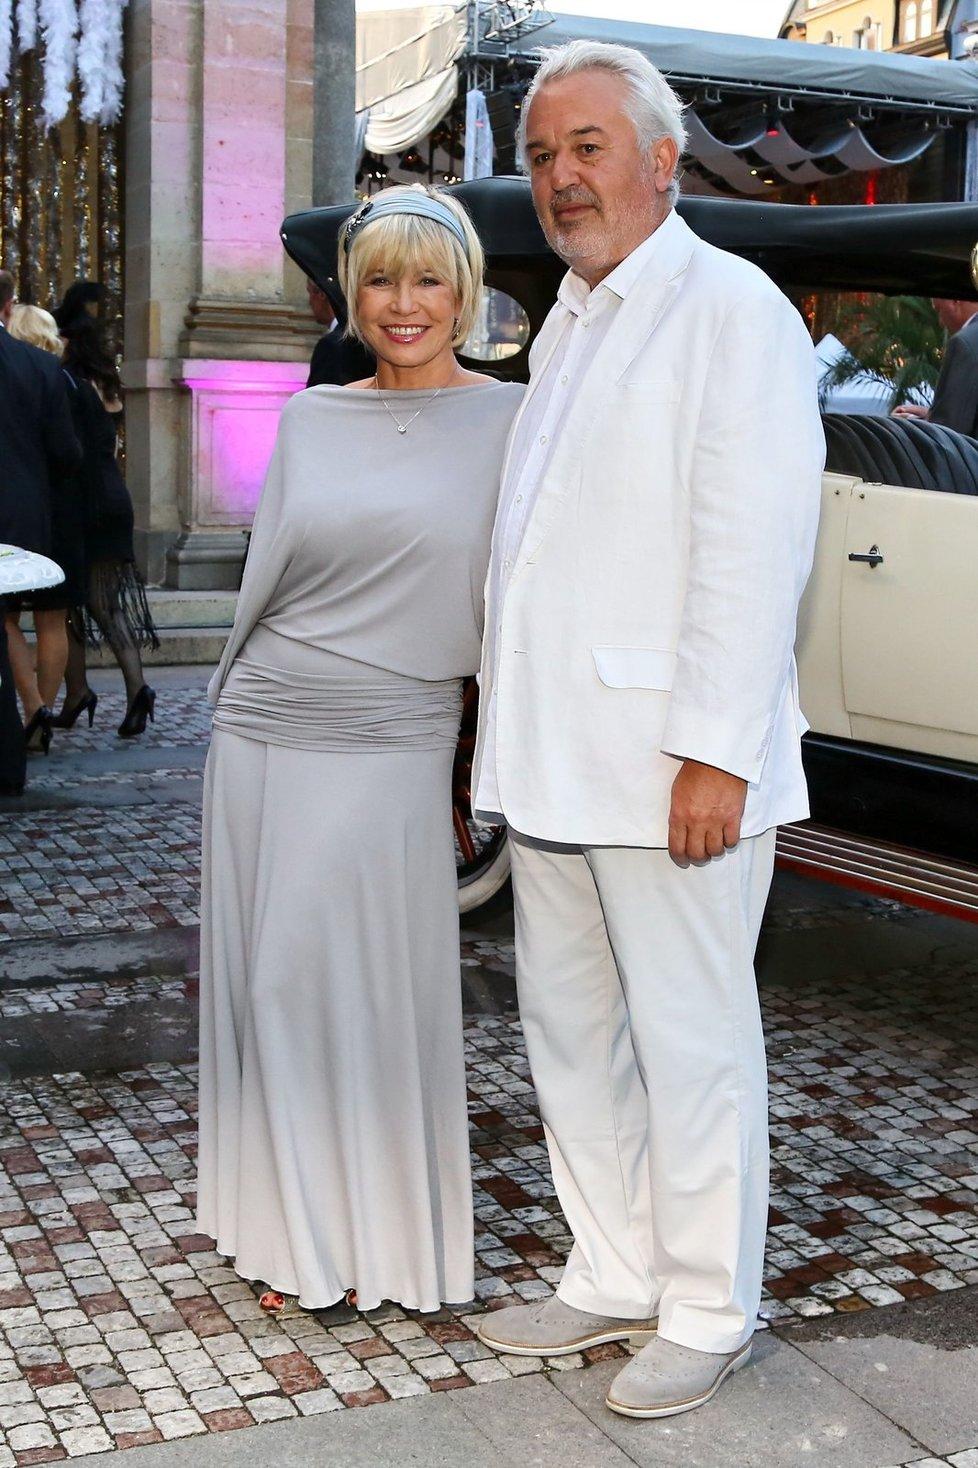 Jana Švandová a Pavel Satorie Bílý oblek je vždy ošemetný, zejména pokud monolit umocňuje stejně barevná košile. Ale bělovlasý podnikatel takovou volbu unese. Jistě i díky šedým střevícům a zejména faktu, že skvěle ladí se svou chotí, neboť ona je v páru za hvězdu. I tato herečka patřila k hrstce žen, jež si uměly s módní epochou Velkého Gatsbyho, jež byla námětem jedné ze zásadních party Filmového festivalu ve Varech, poradit. Sivý odstín podtrhuje kultivovanost střízlivé, ke krku uzavřené kreace s dlouhými rukávy, jež staví na nosnosti krásně padnoucí látky a důmyslné práci s ní.